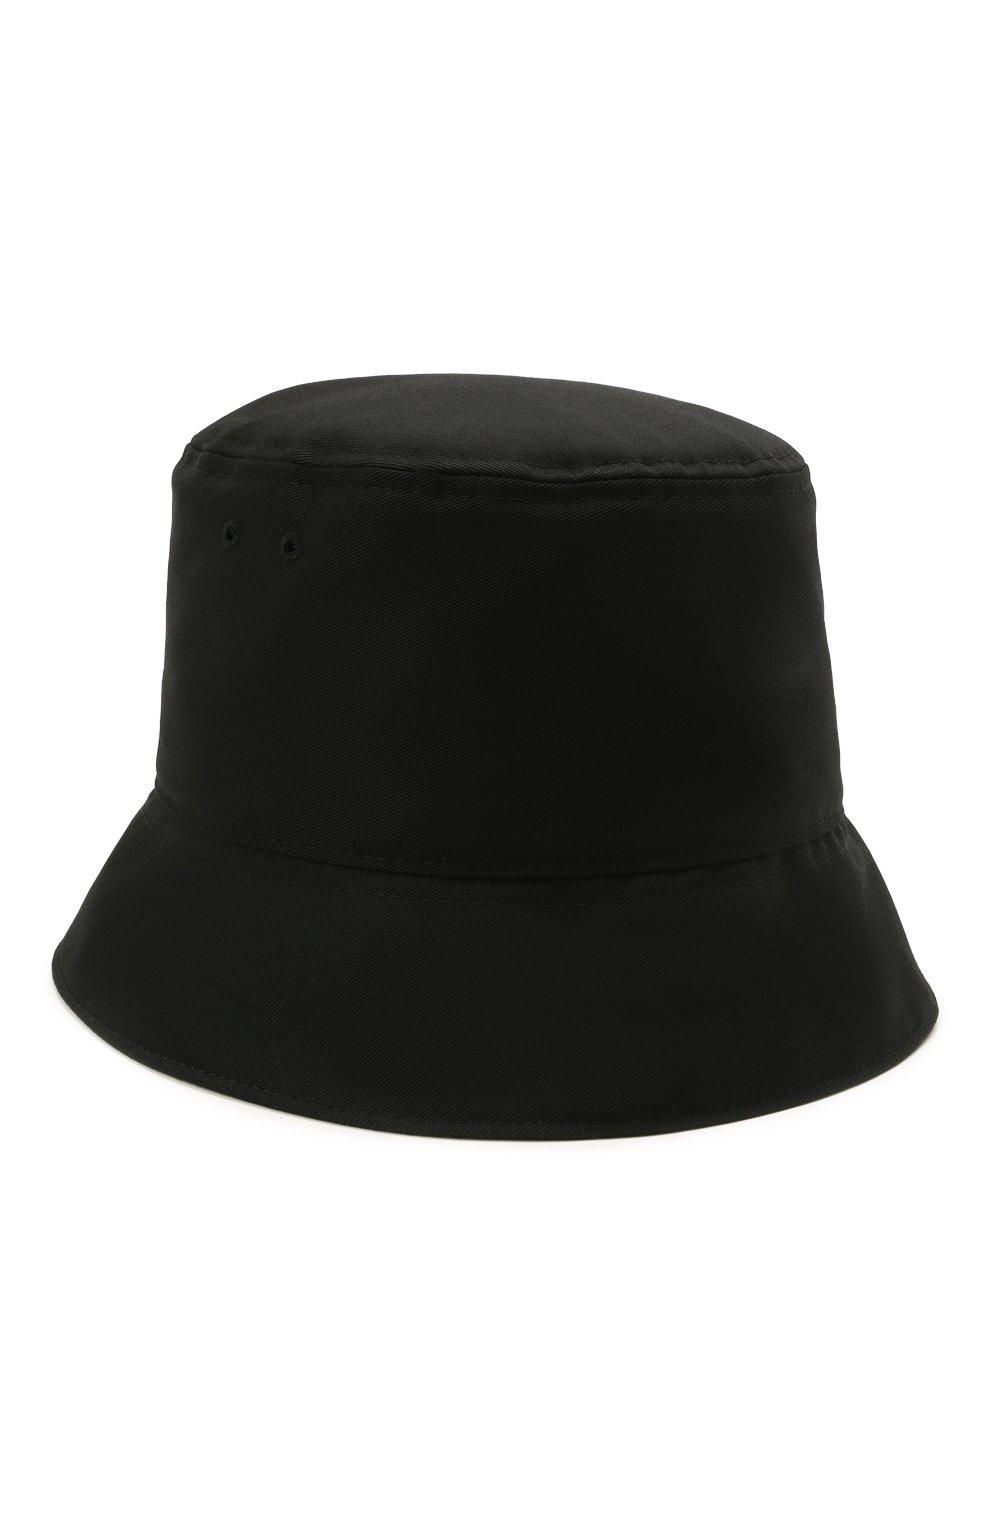 Мужская хлопковая панама VALENTINO черного цвета, арт. WY2HGA11/MEX   Фото 1 (Материал: Текстиль, Хлопок)